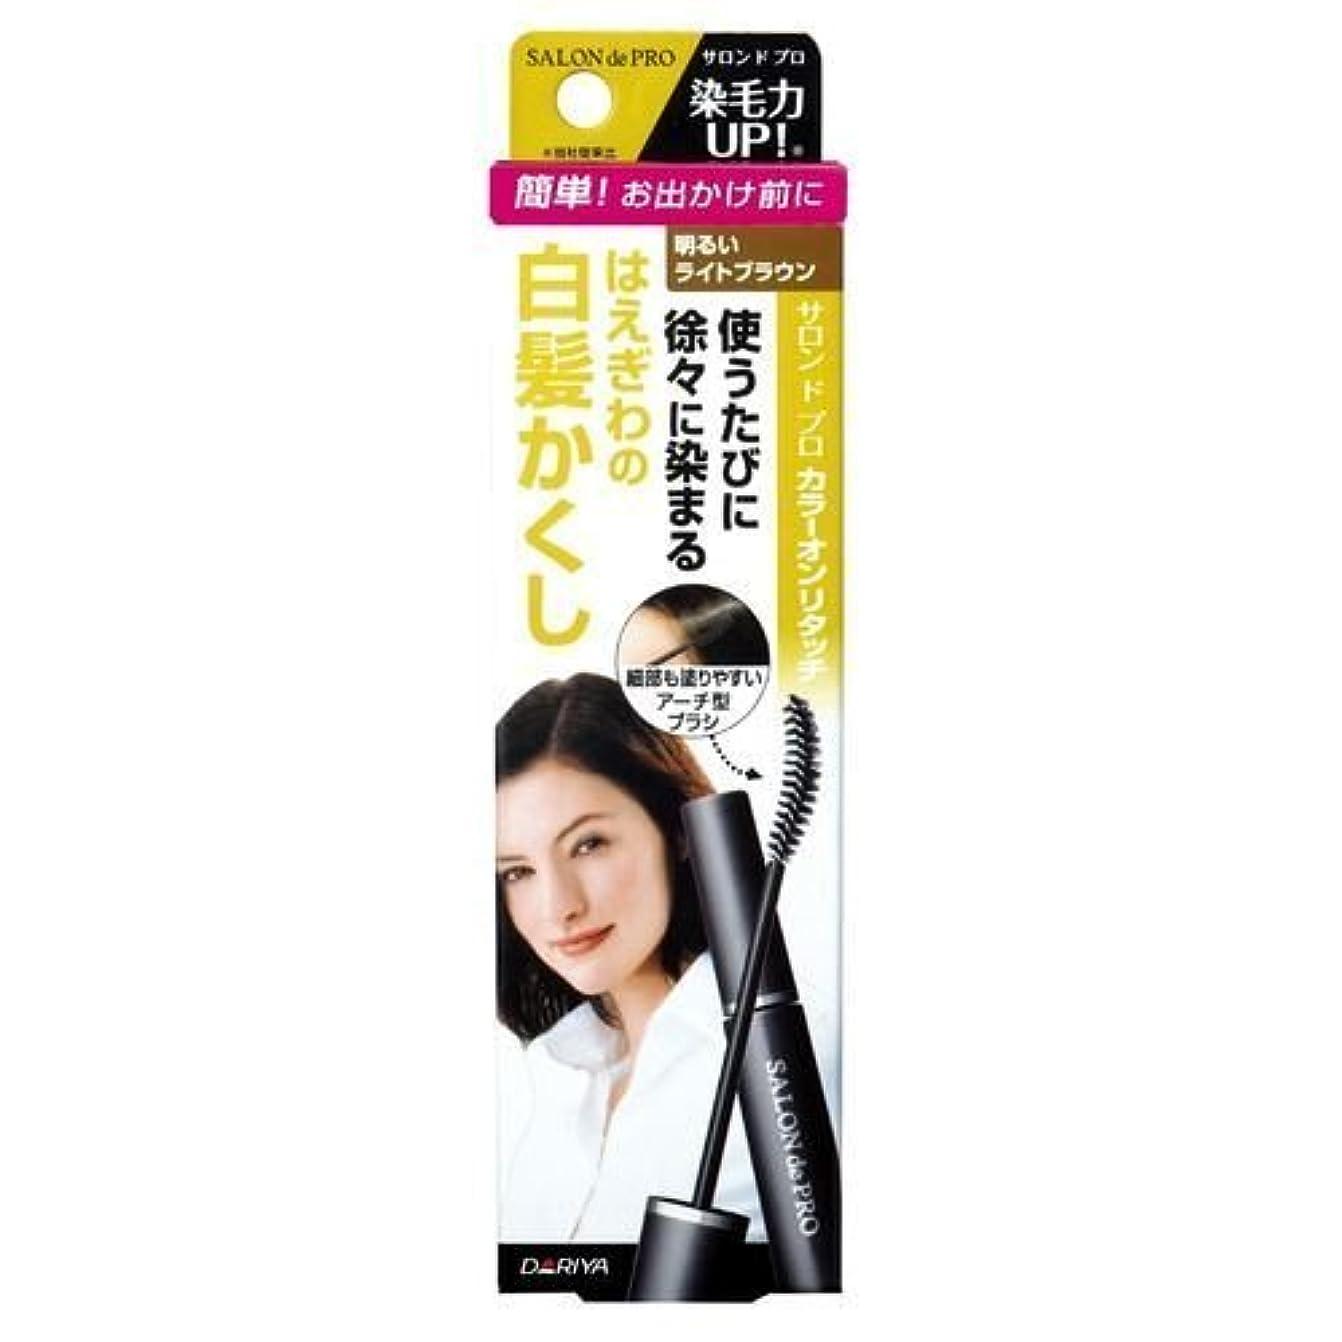 シニス指定犯罪サロンドプロ カラーオンリタッチ 白髪かくしEX 明るいライトブラウン 15ml